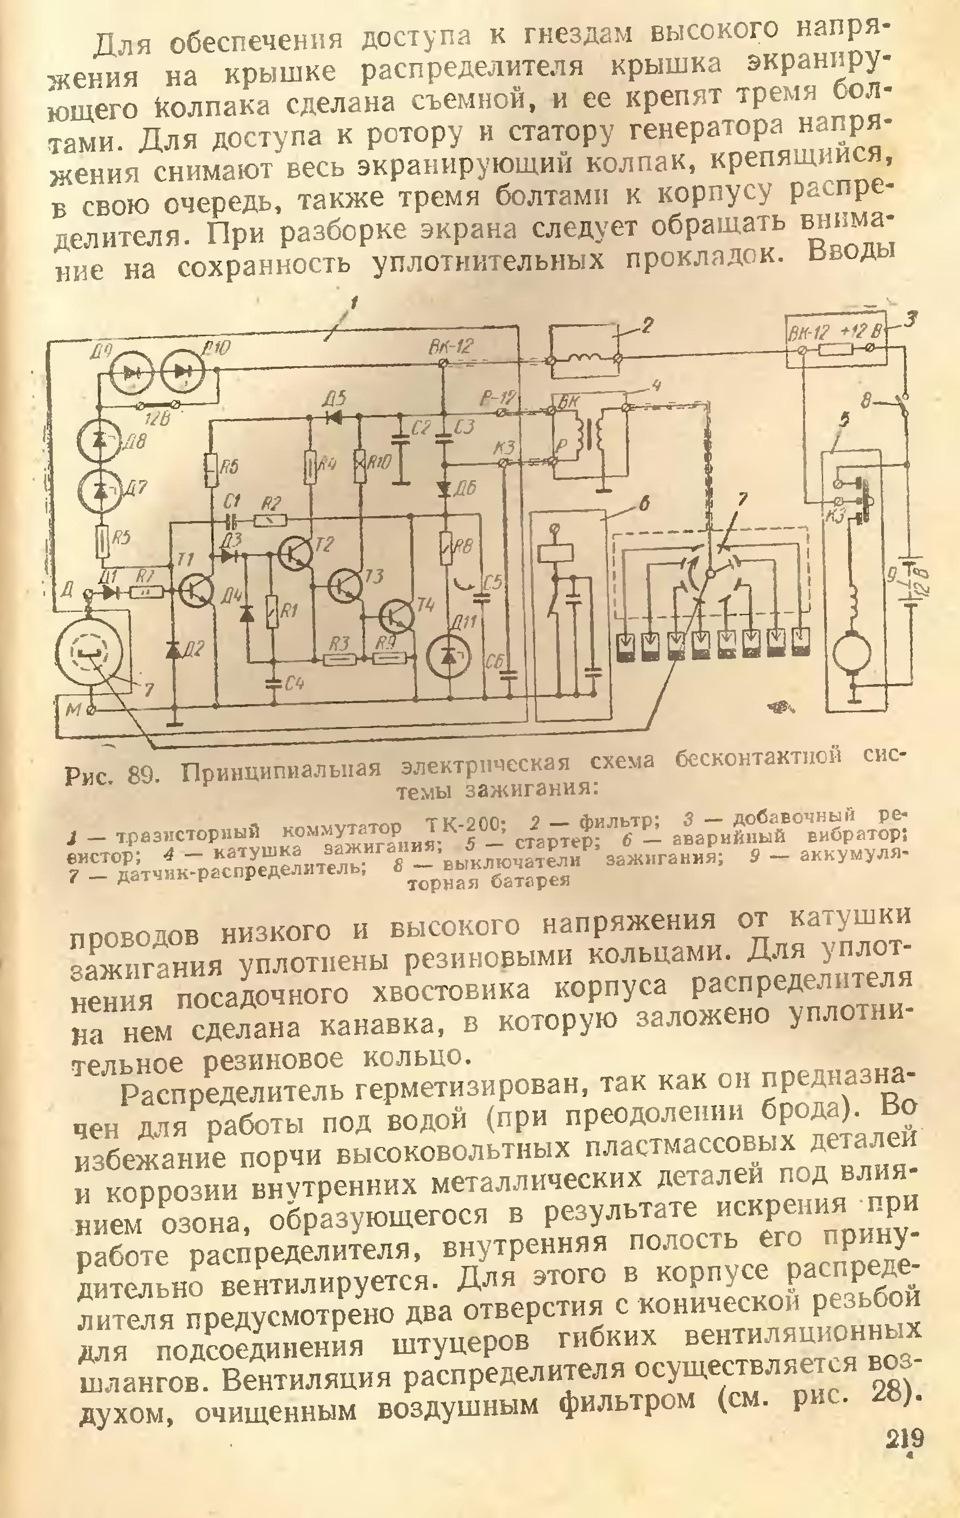 транзисторный коммутатор зажигания схема